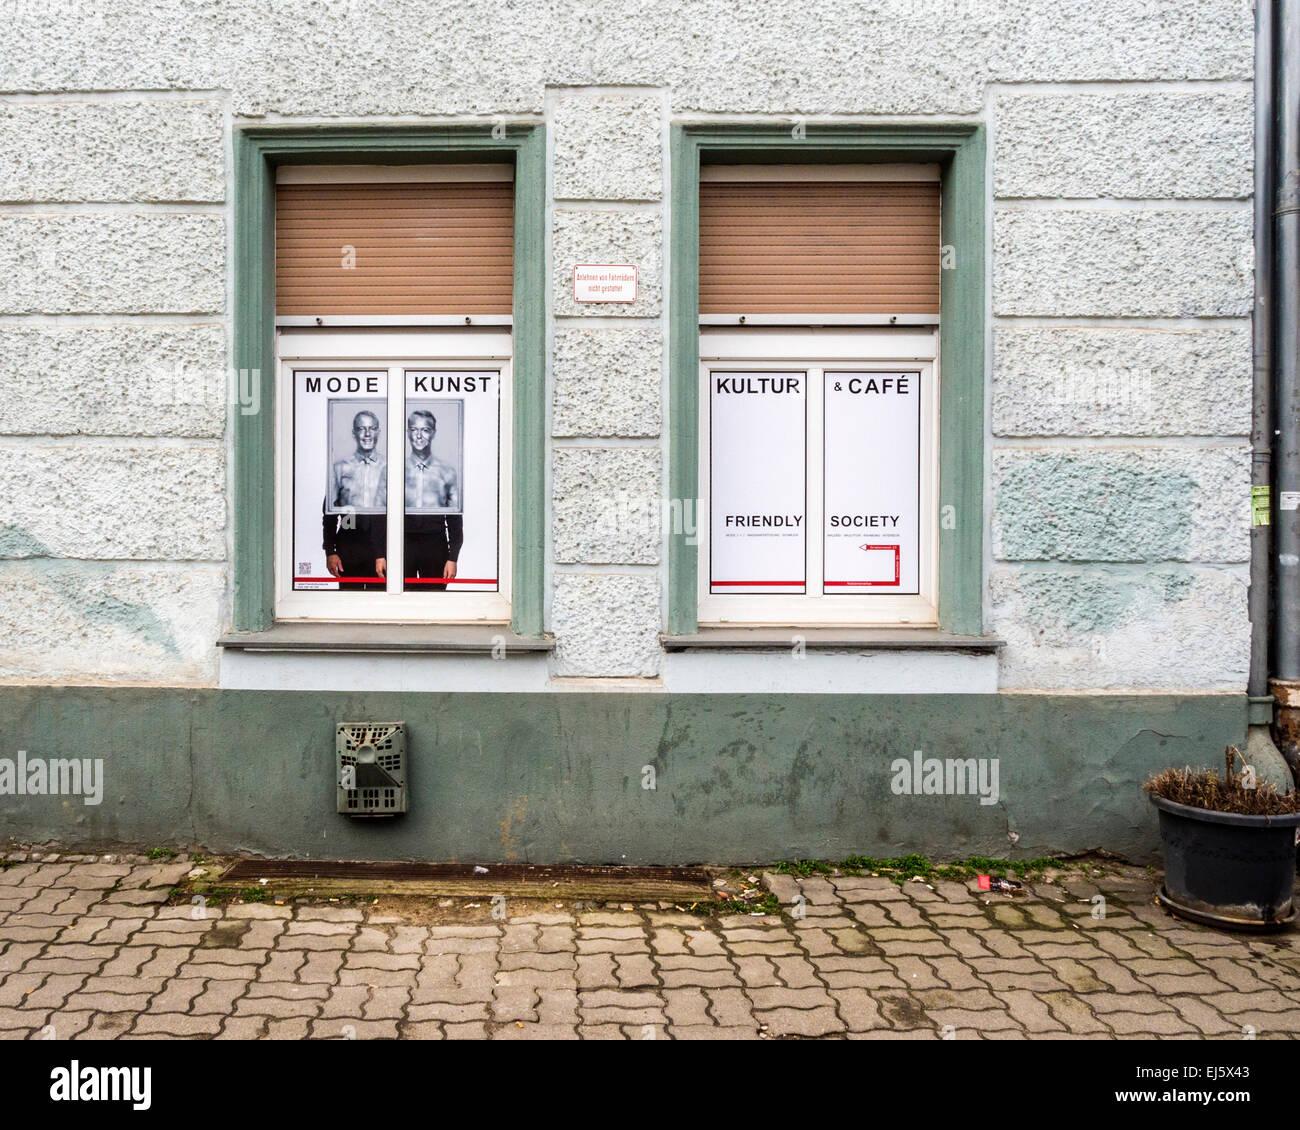 Kultur-Café, Mode, Kunst, äußere des Kultur-Cafe in Berlin-Mitte Stockbild